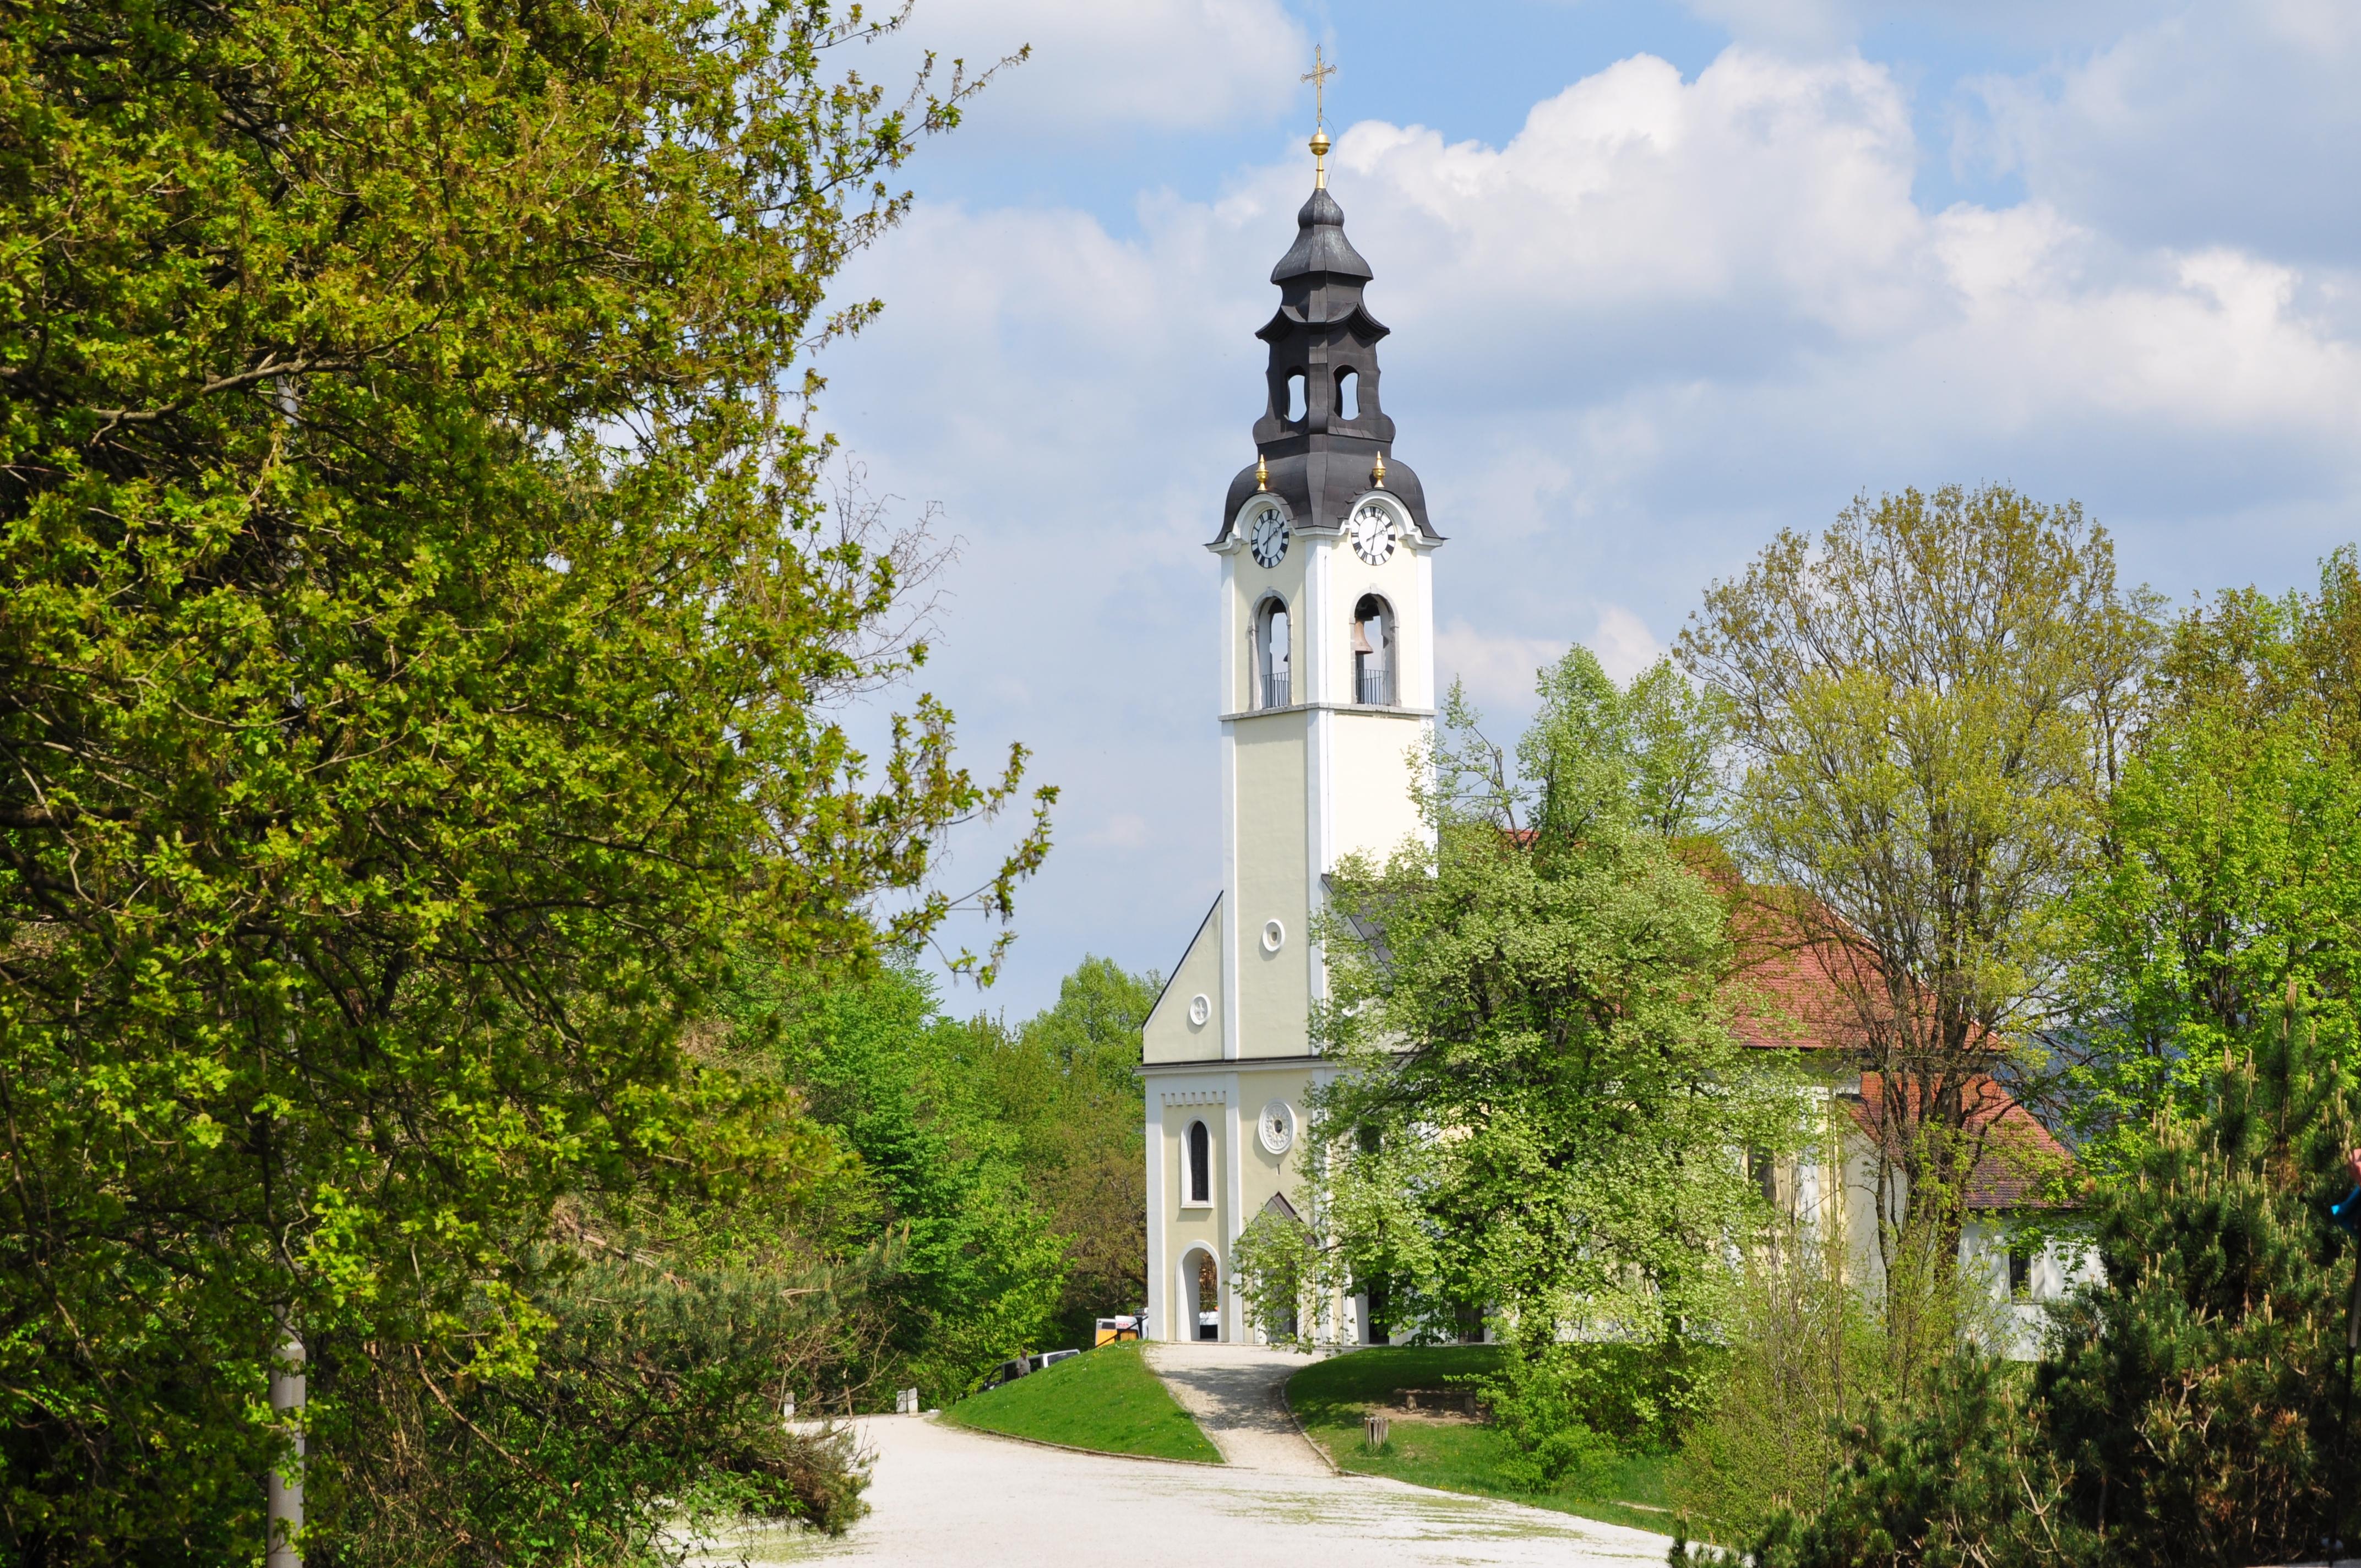 DSC_0381 Cerkev Sv. Urha iz srednjega veka